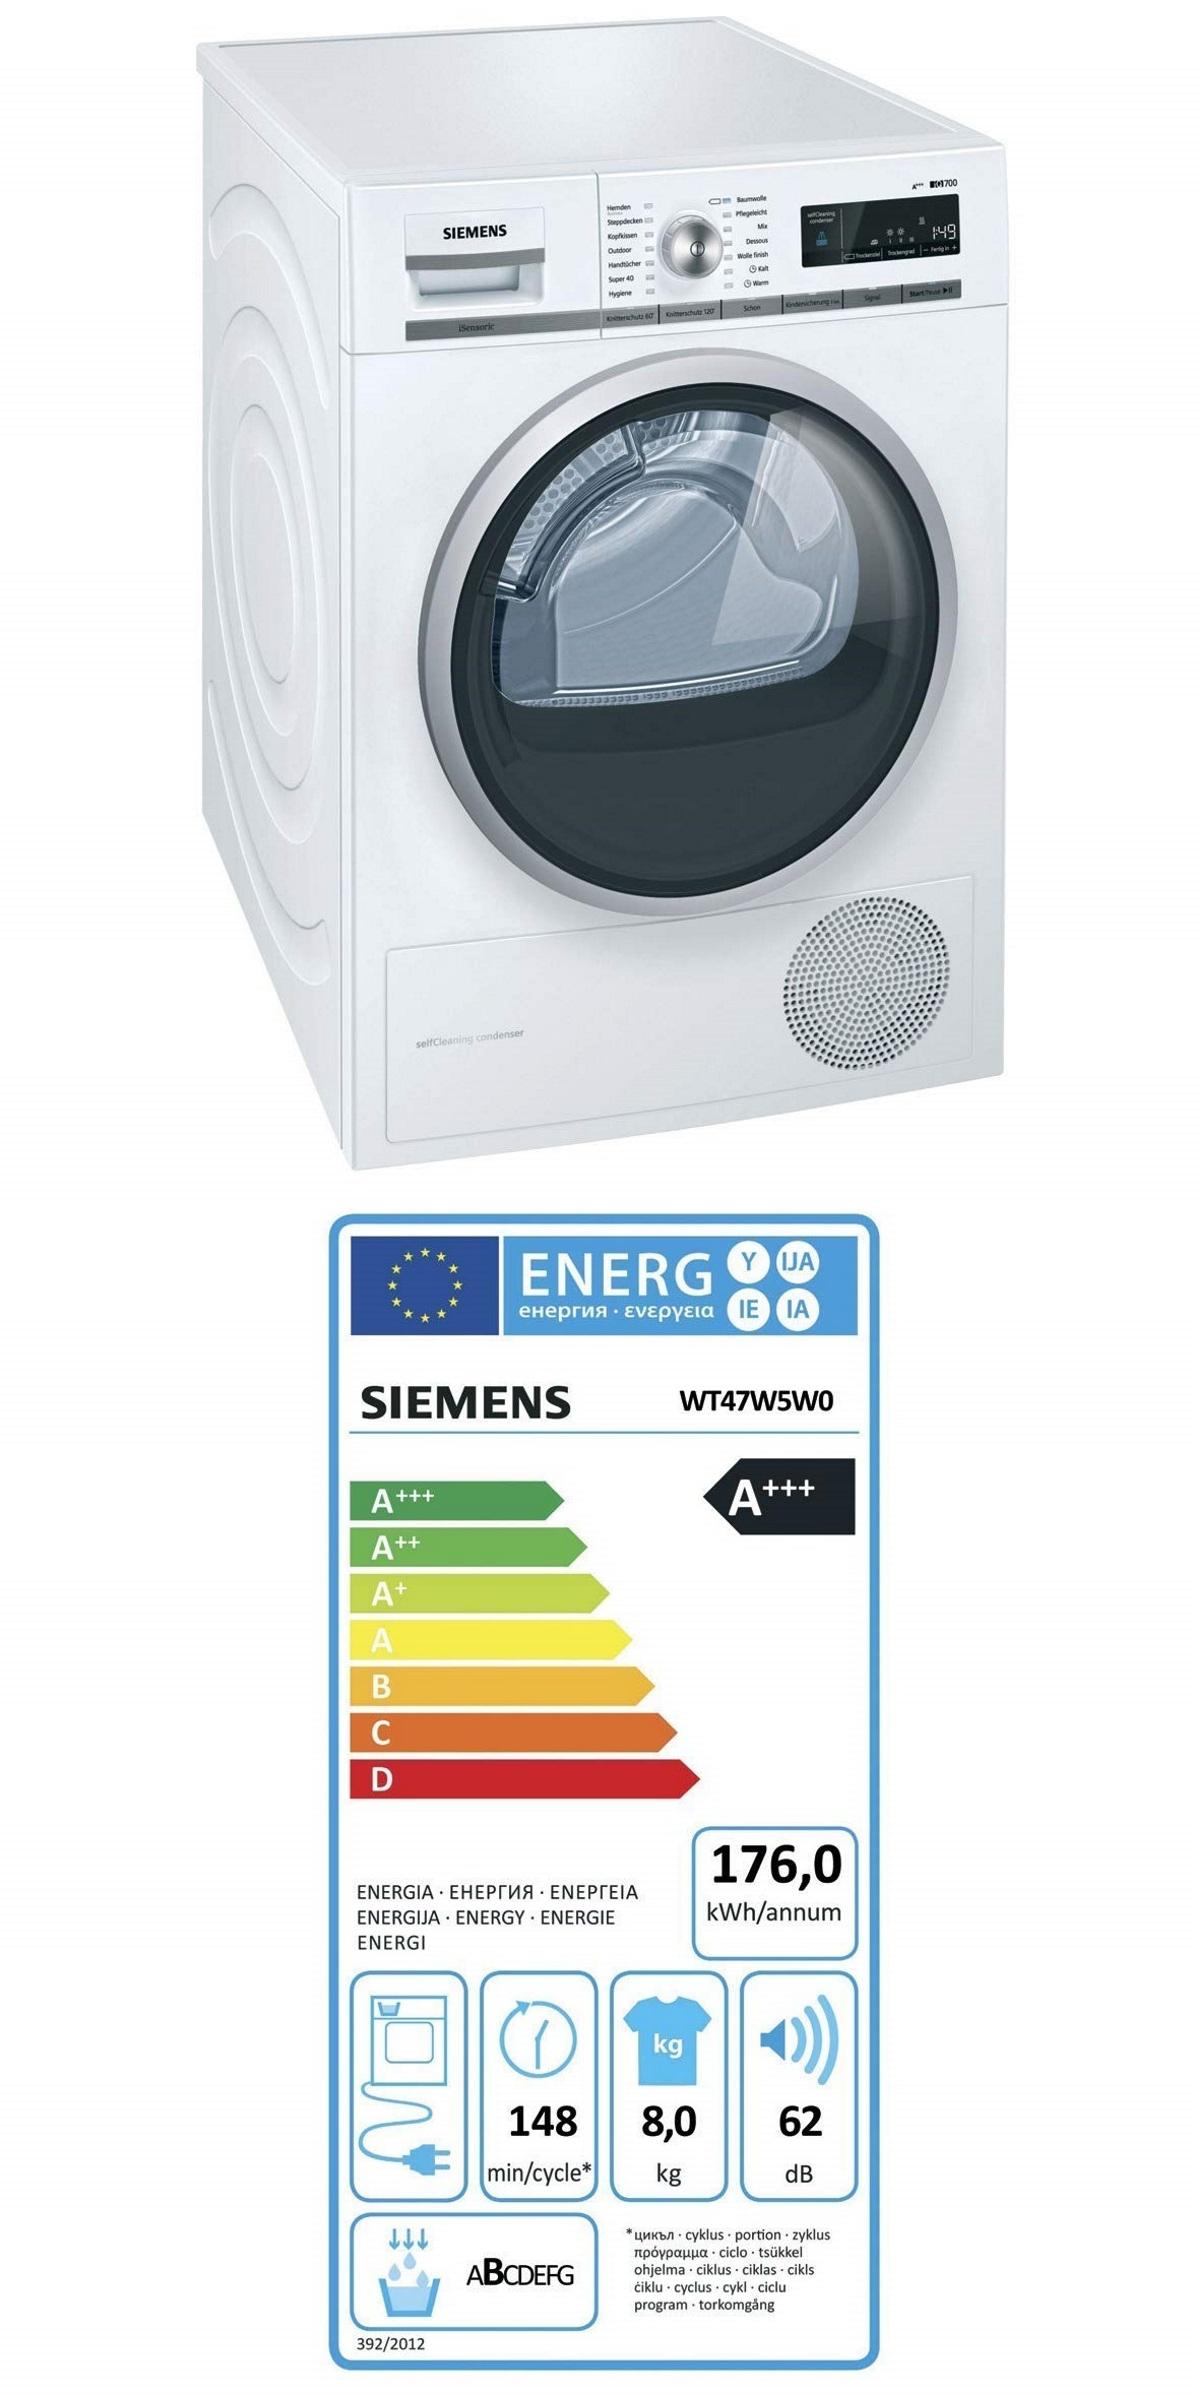 Siemens WT47W5W0 iQ700 Wärmepumpentrockner / A+++ / 8